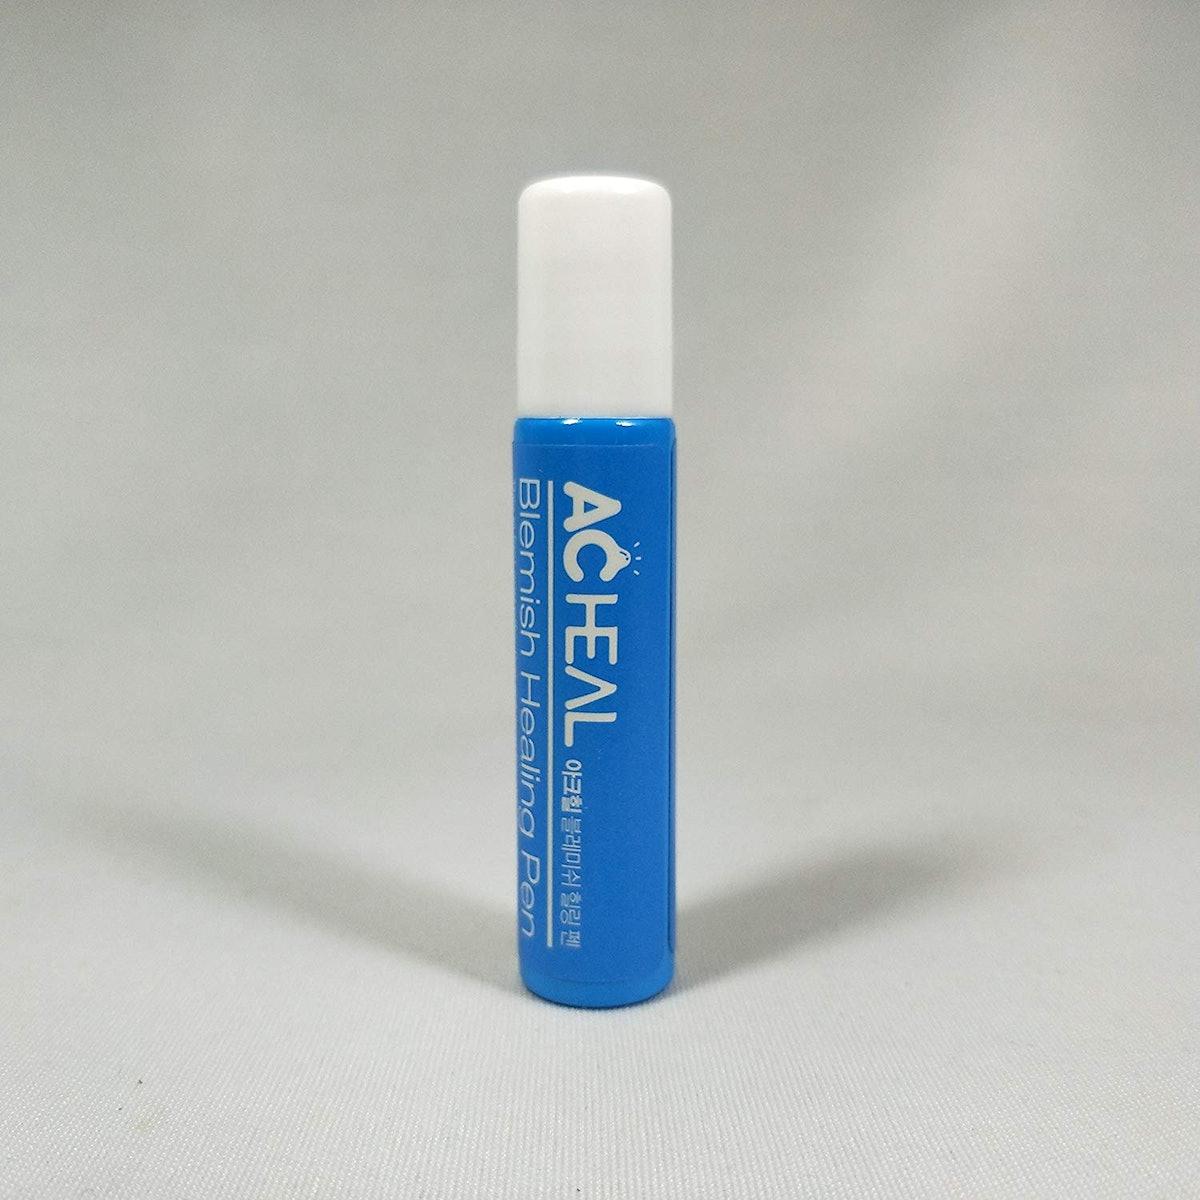 ACHeal Blemish Treatment Pen